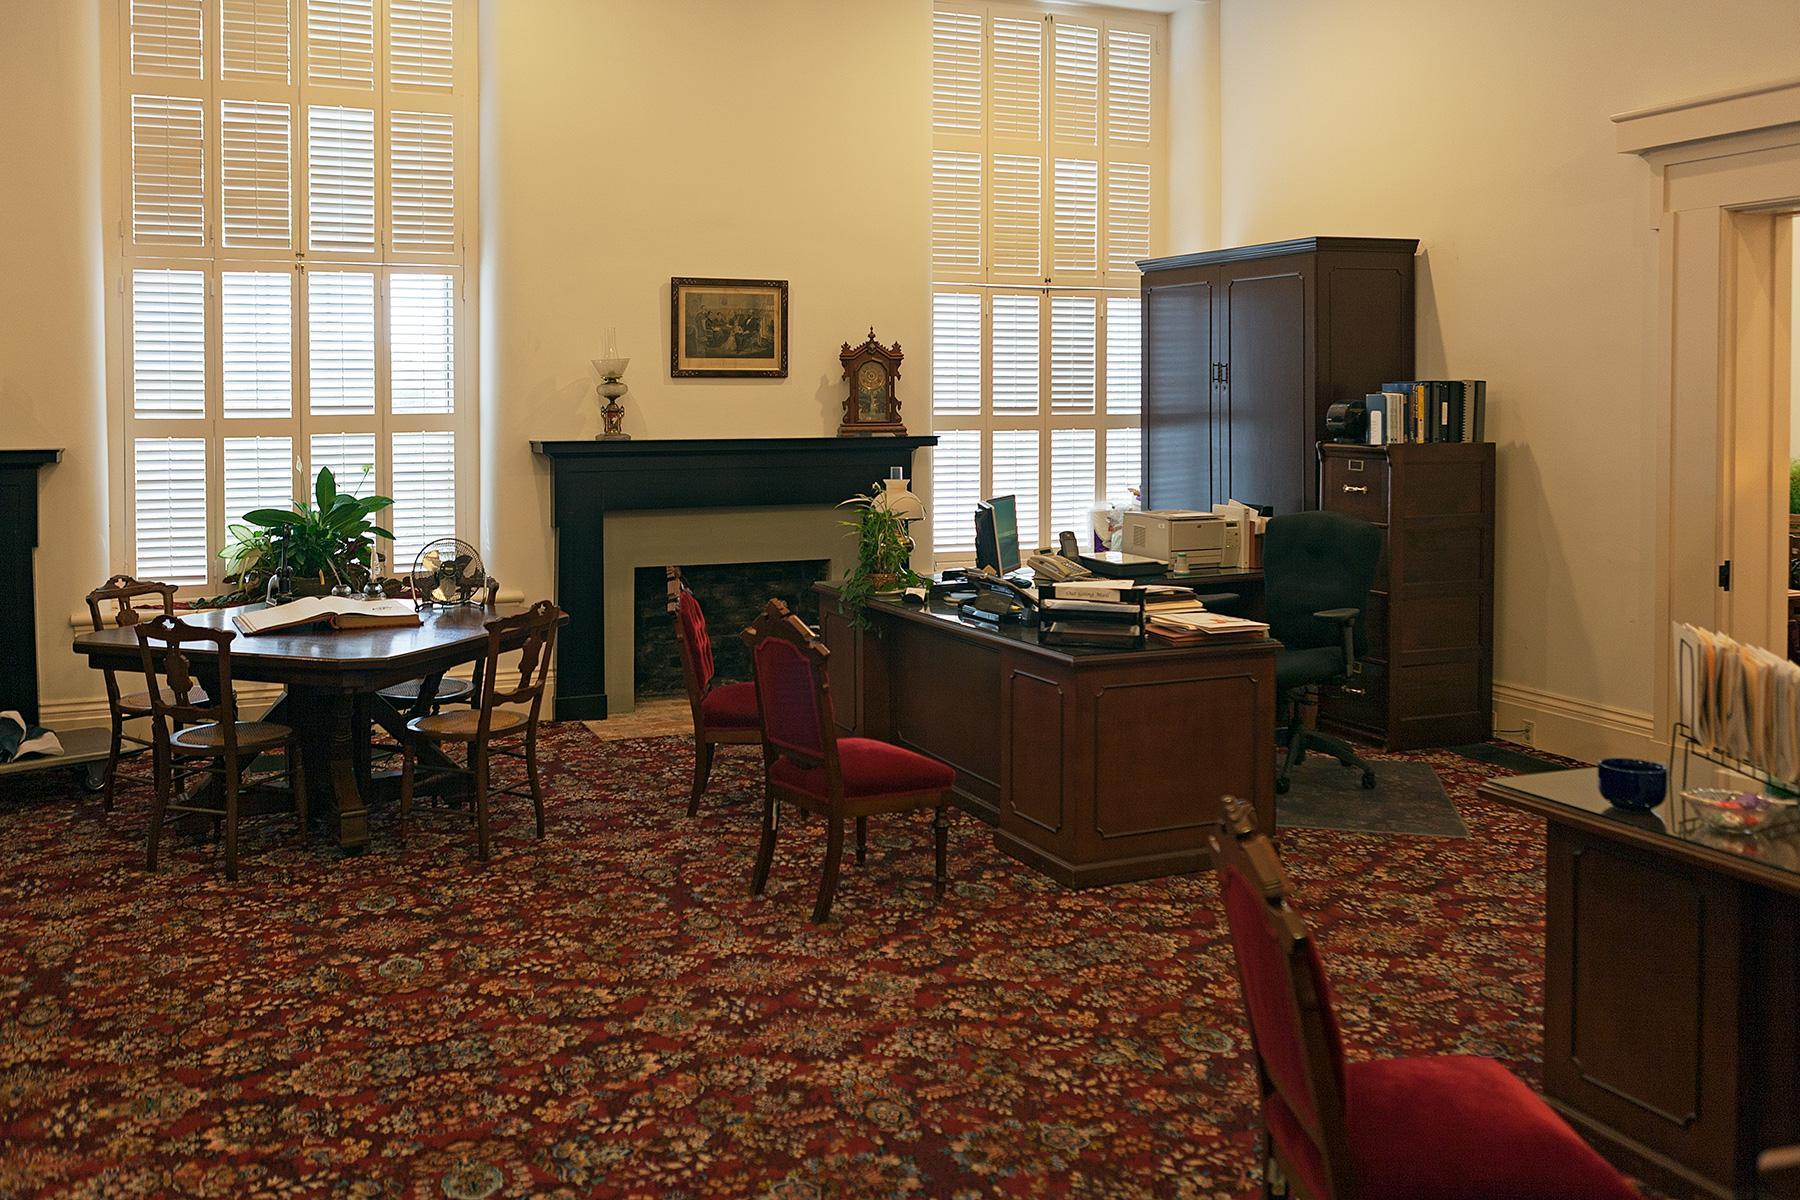 Büro mit alten Schreibtischen